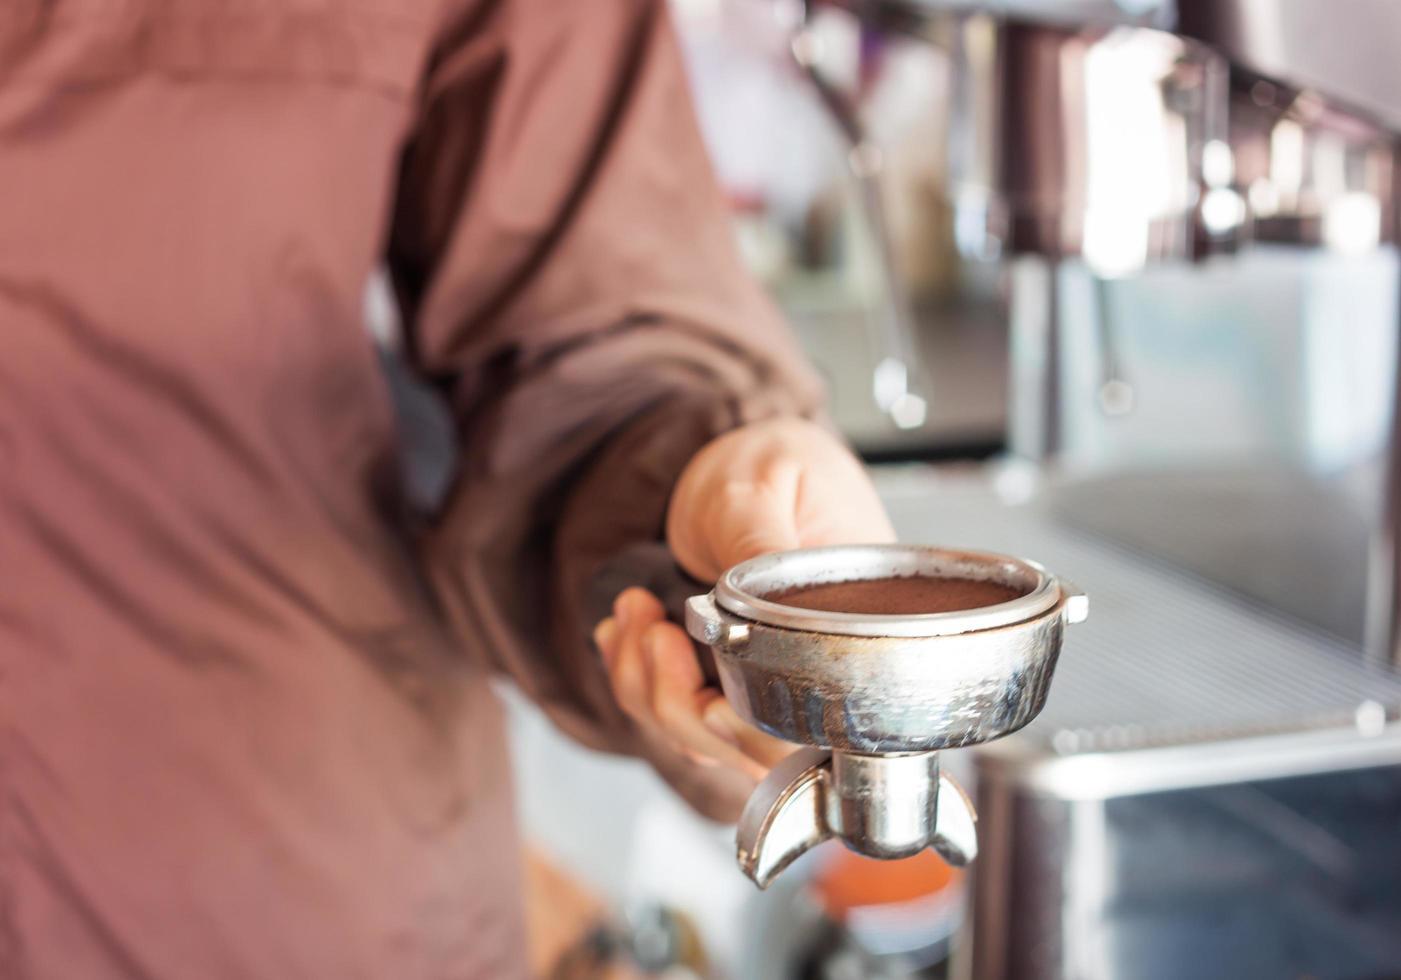 Nahaufnahme einer Frau, die eine Kaffeemühle hält foto